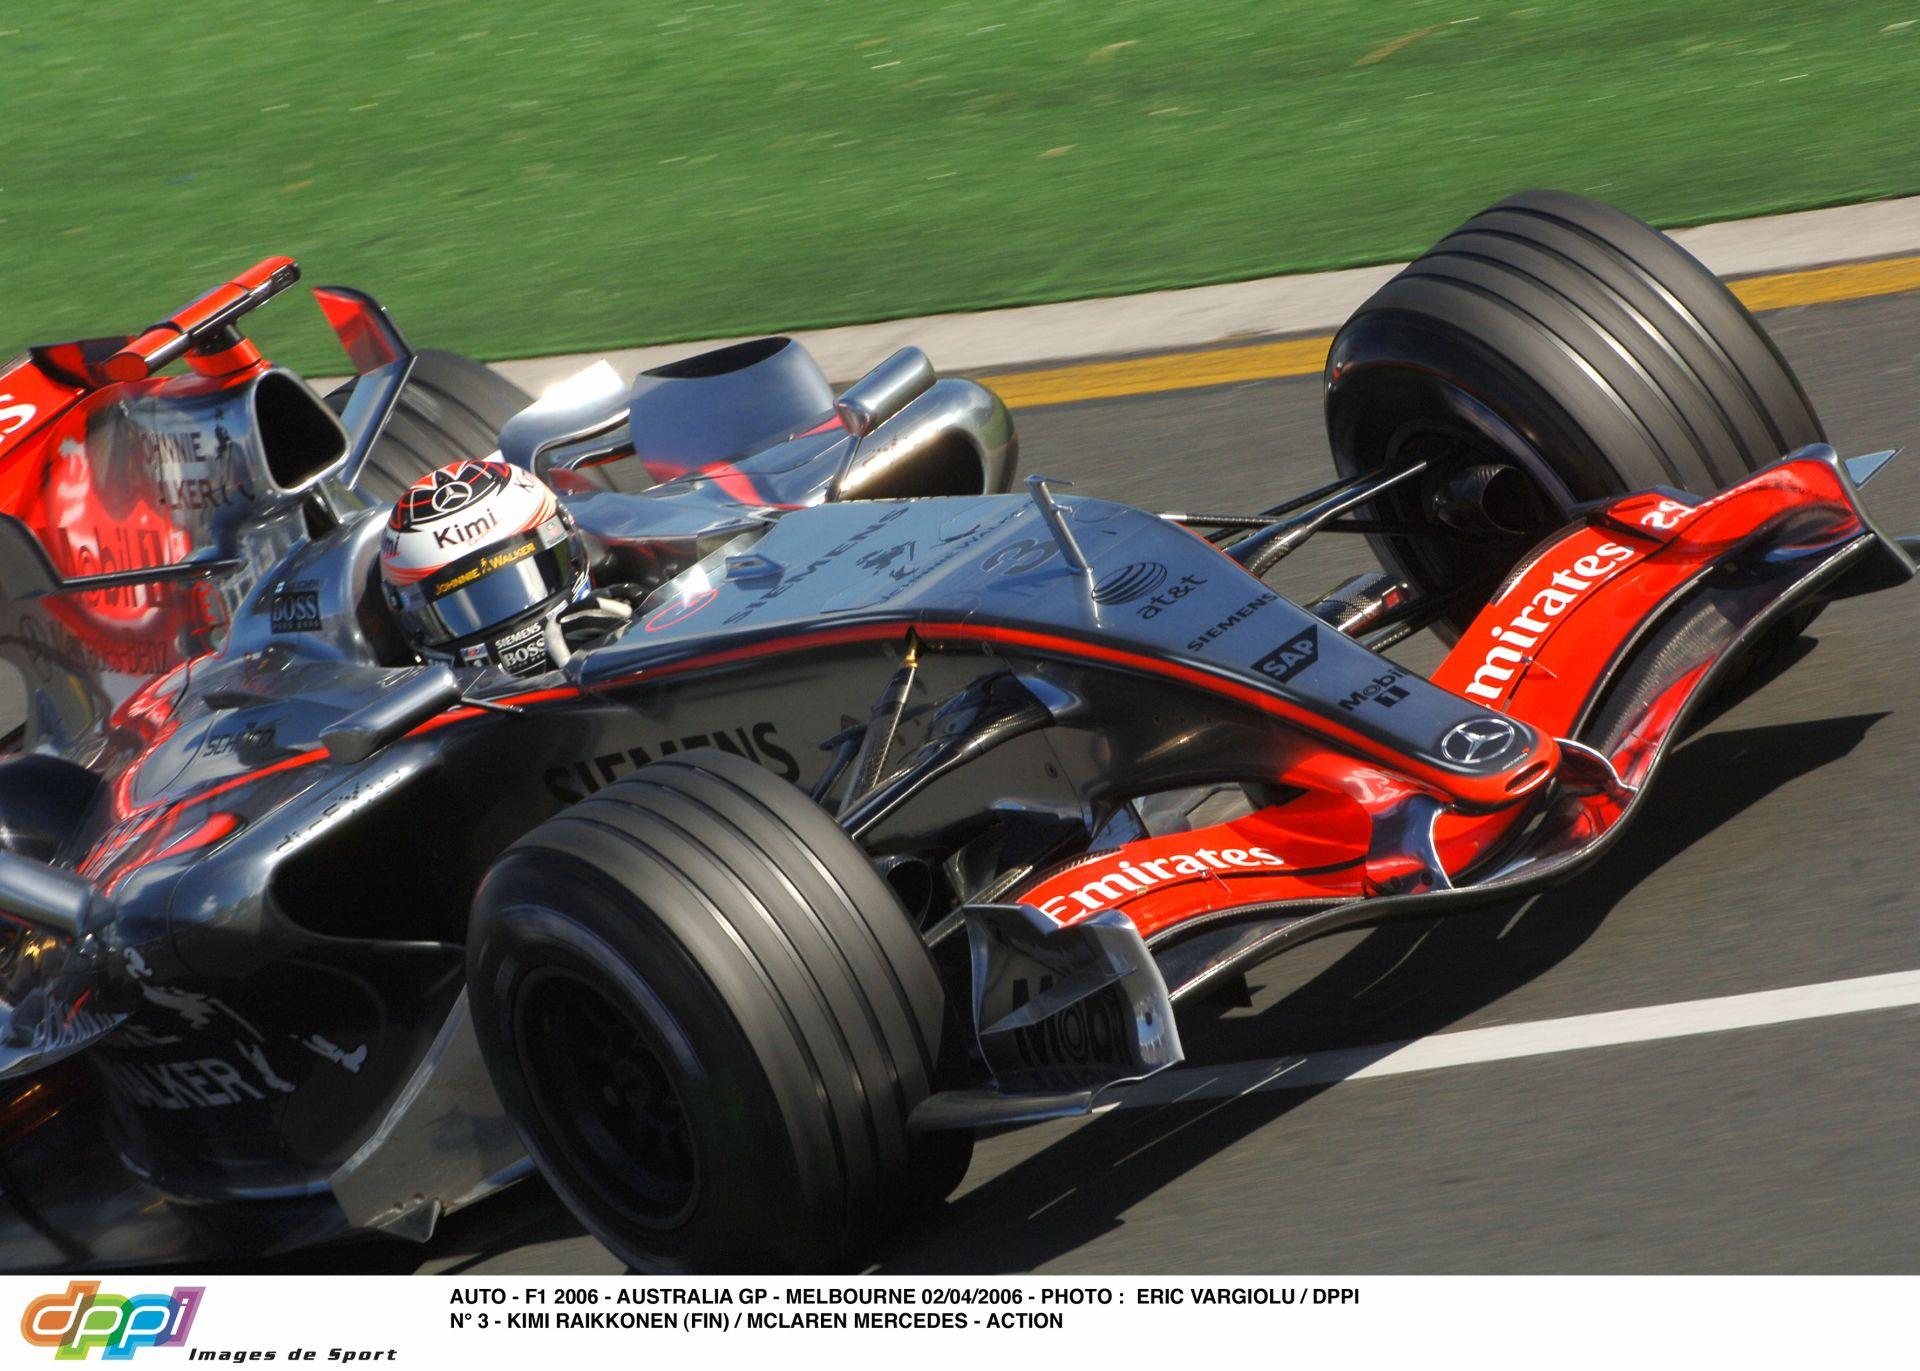 F1 2006: Egyszerűen csak élvezd a hangokat és a sebességet – Ausztrál Nagydíj